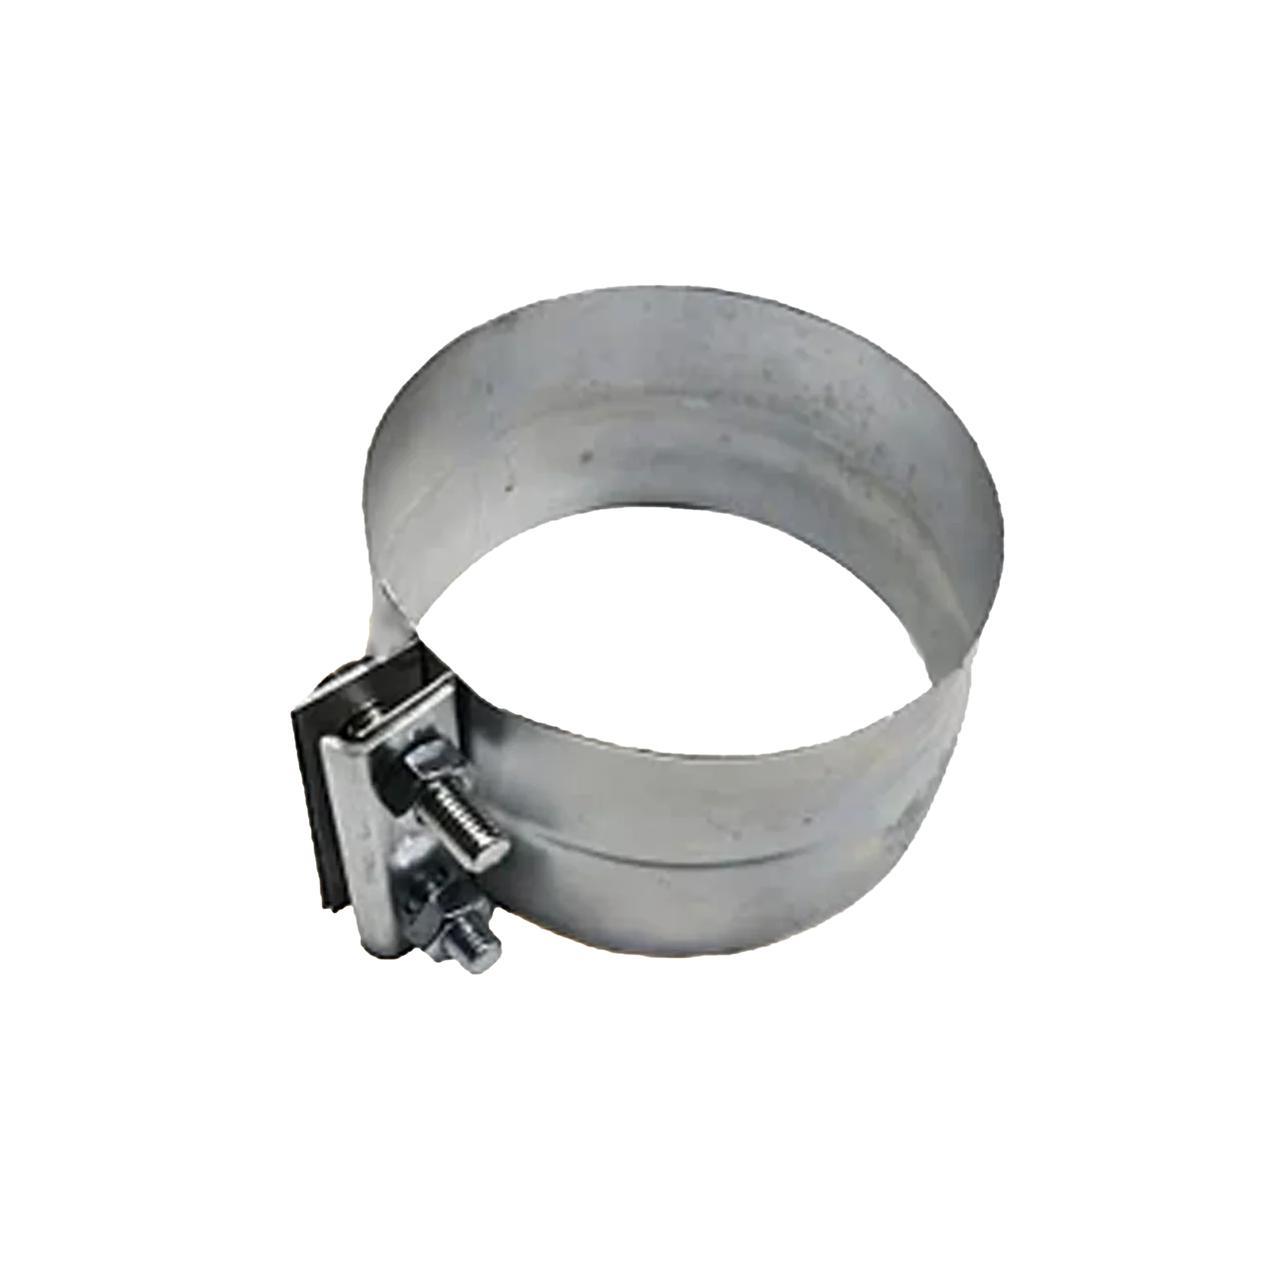 Хомут на гофрированную трубу нержавеющая сталь 128 мм